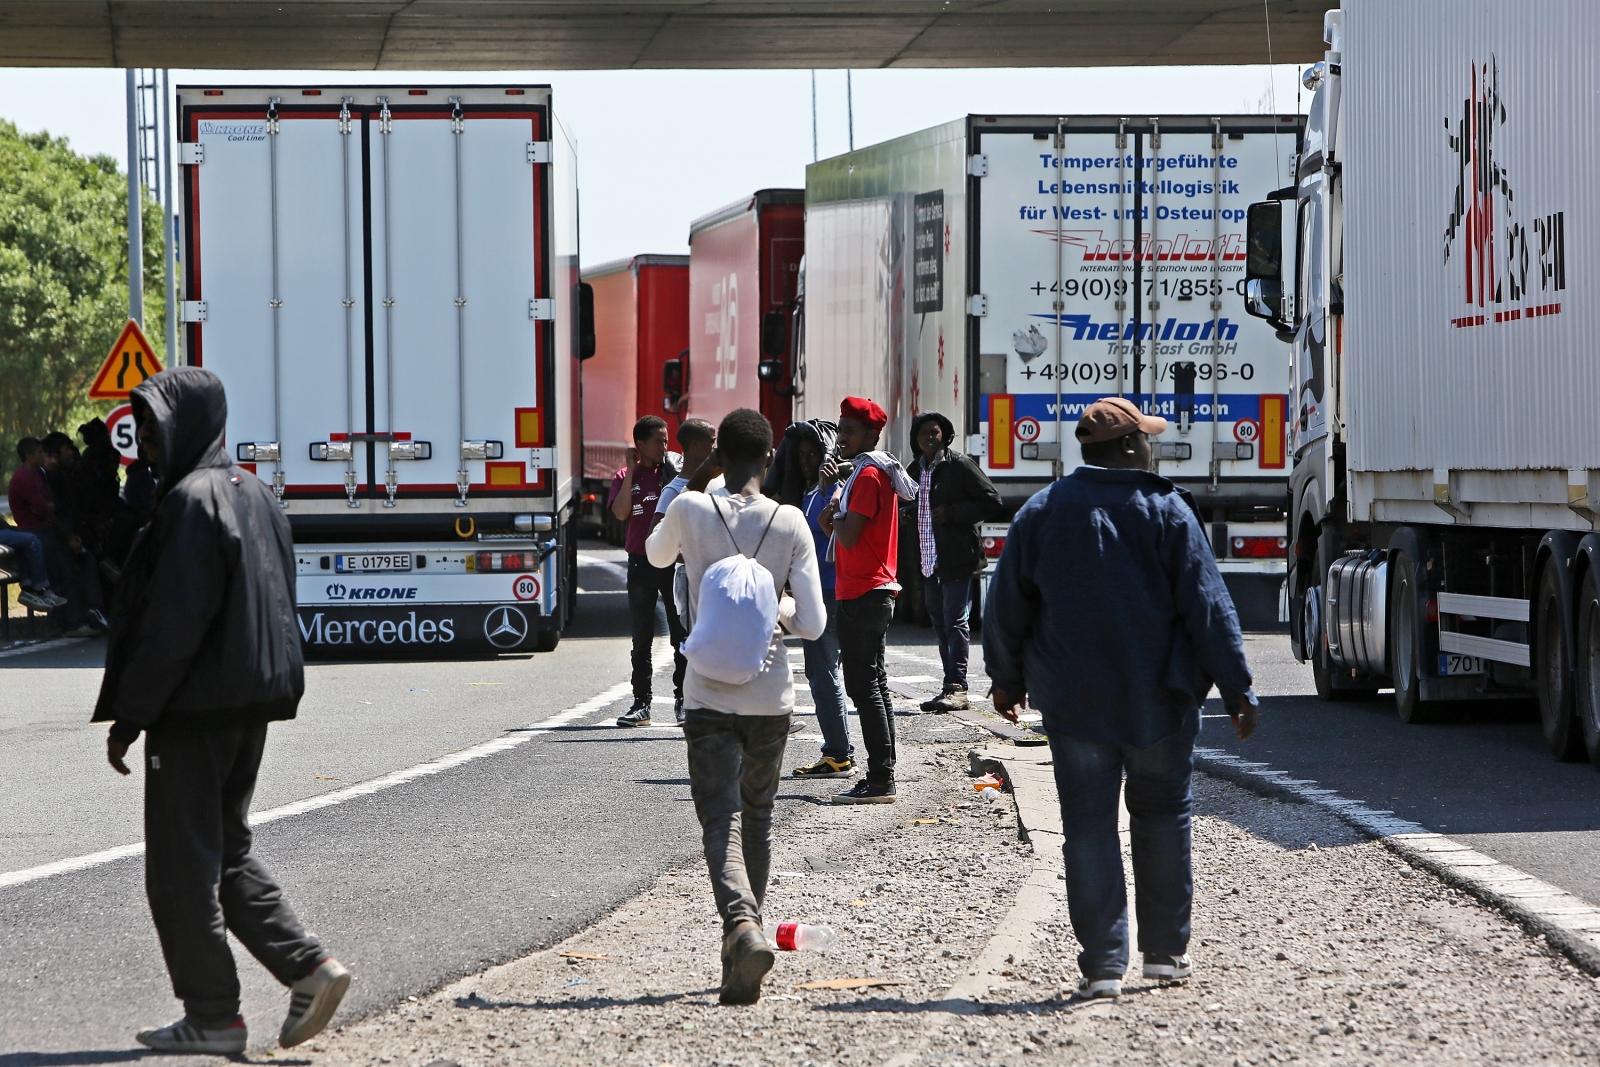 Migrants in Calais eye up lorries